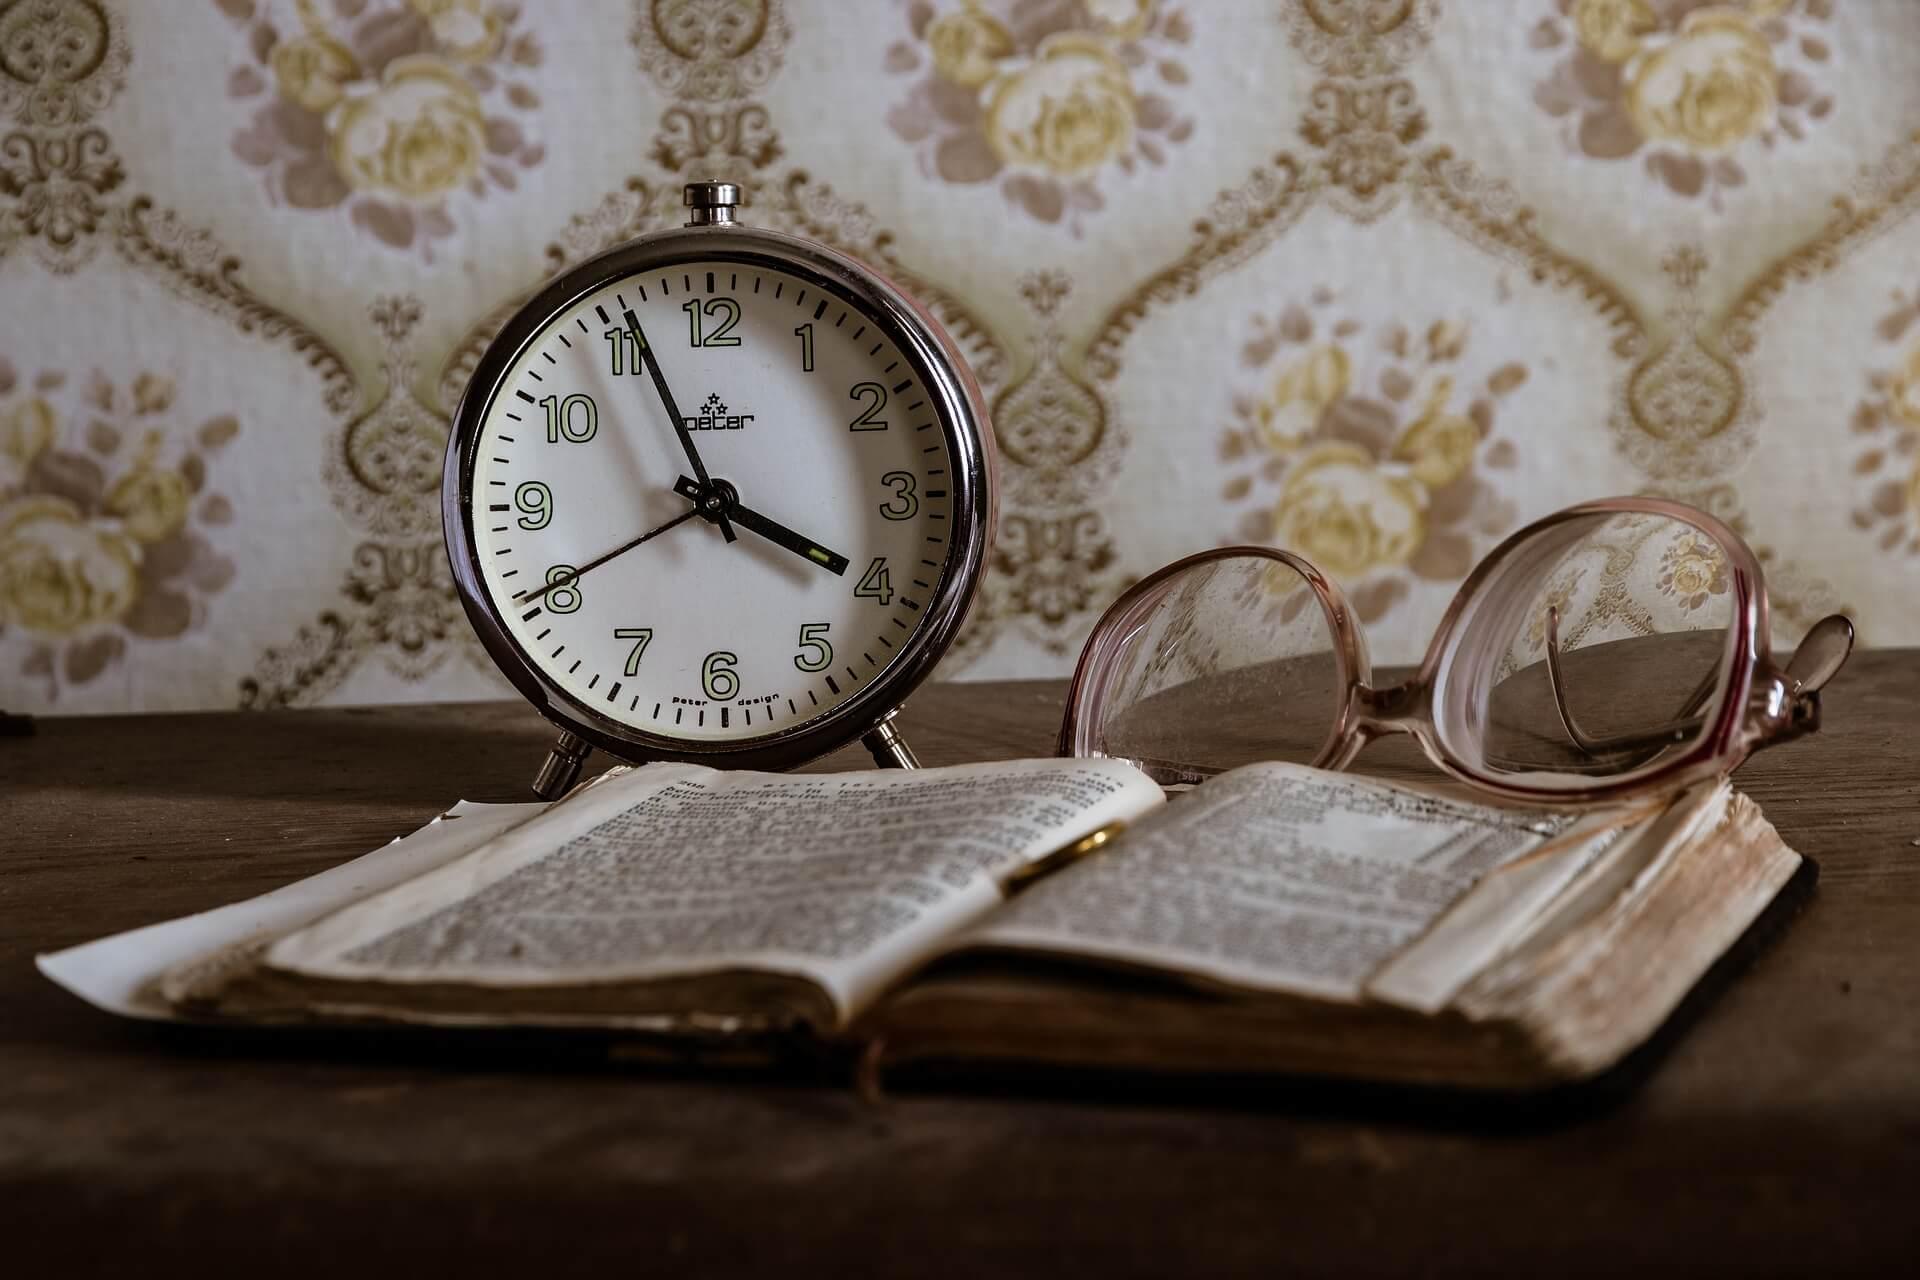 Uhr. Symbolbild für die Frage, ob Gott zu spät kommt.